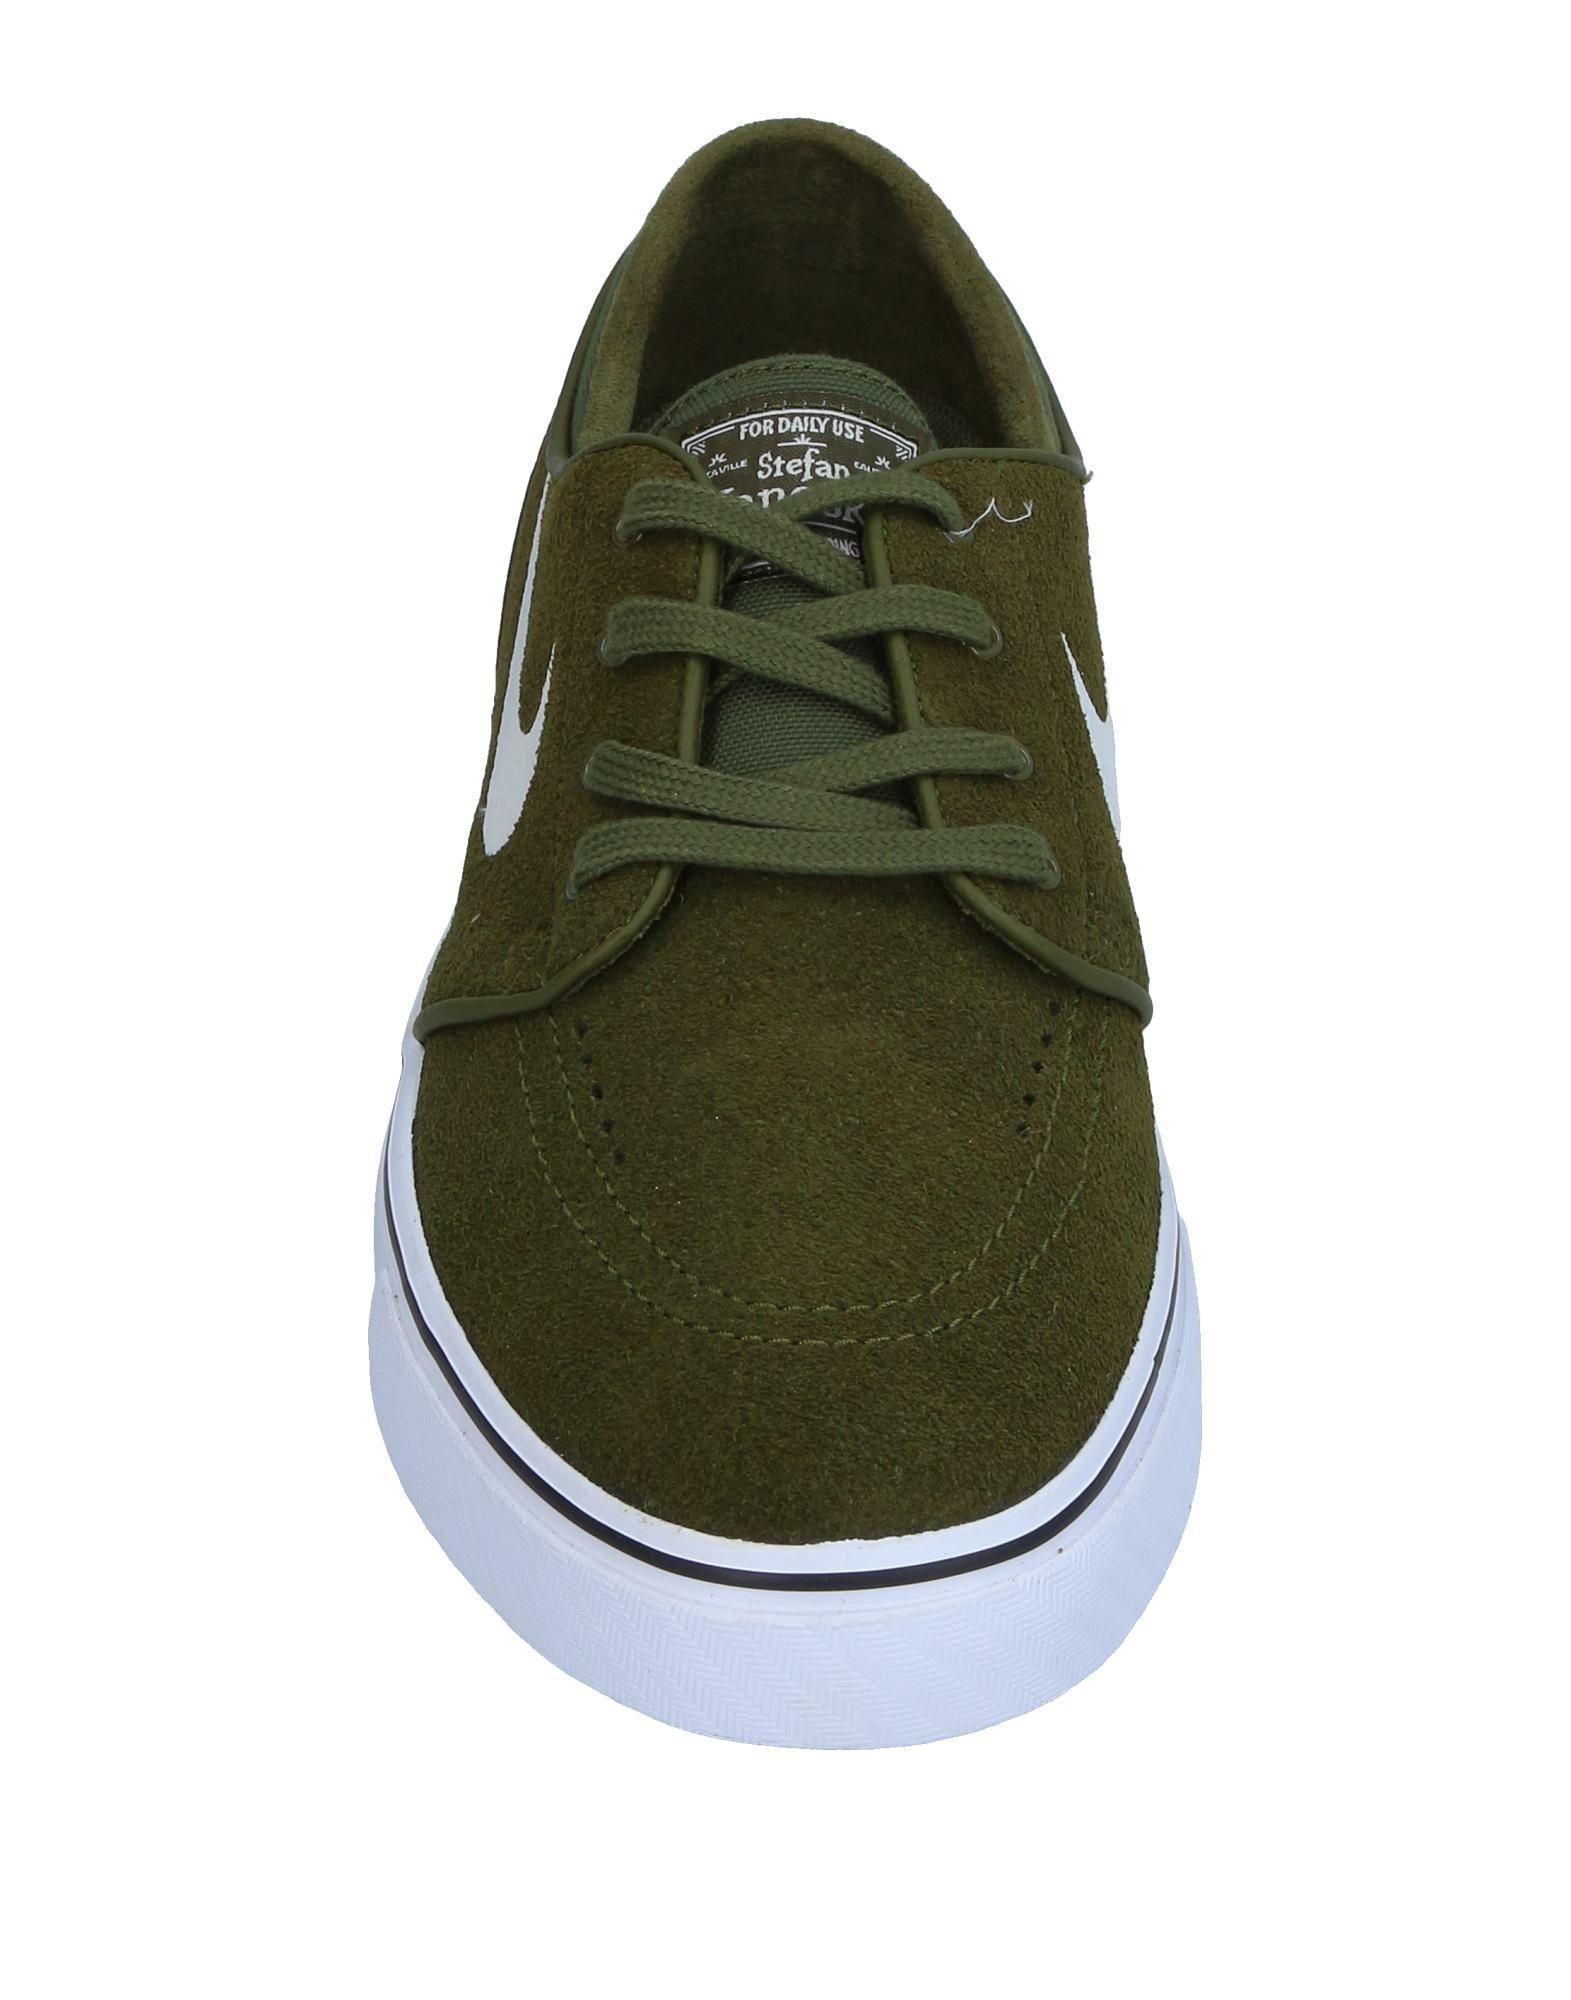 Rabatt echte Sneakers Schuhe Nike Sneakers echte Herren  11336664NT a1d772